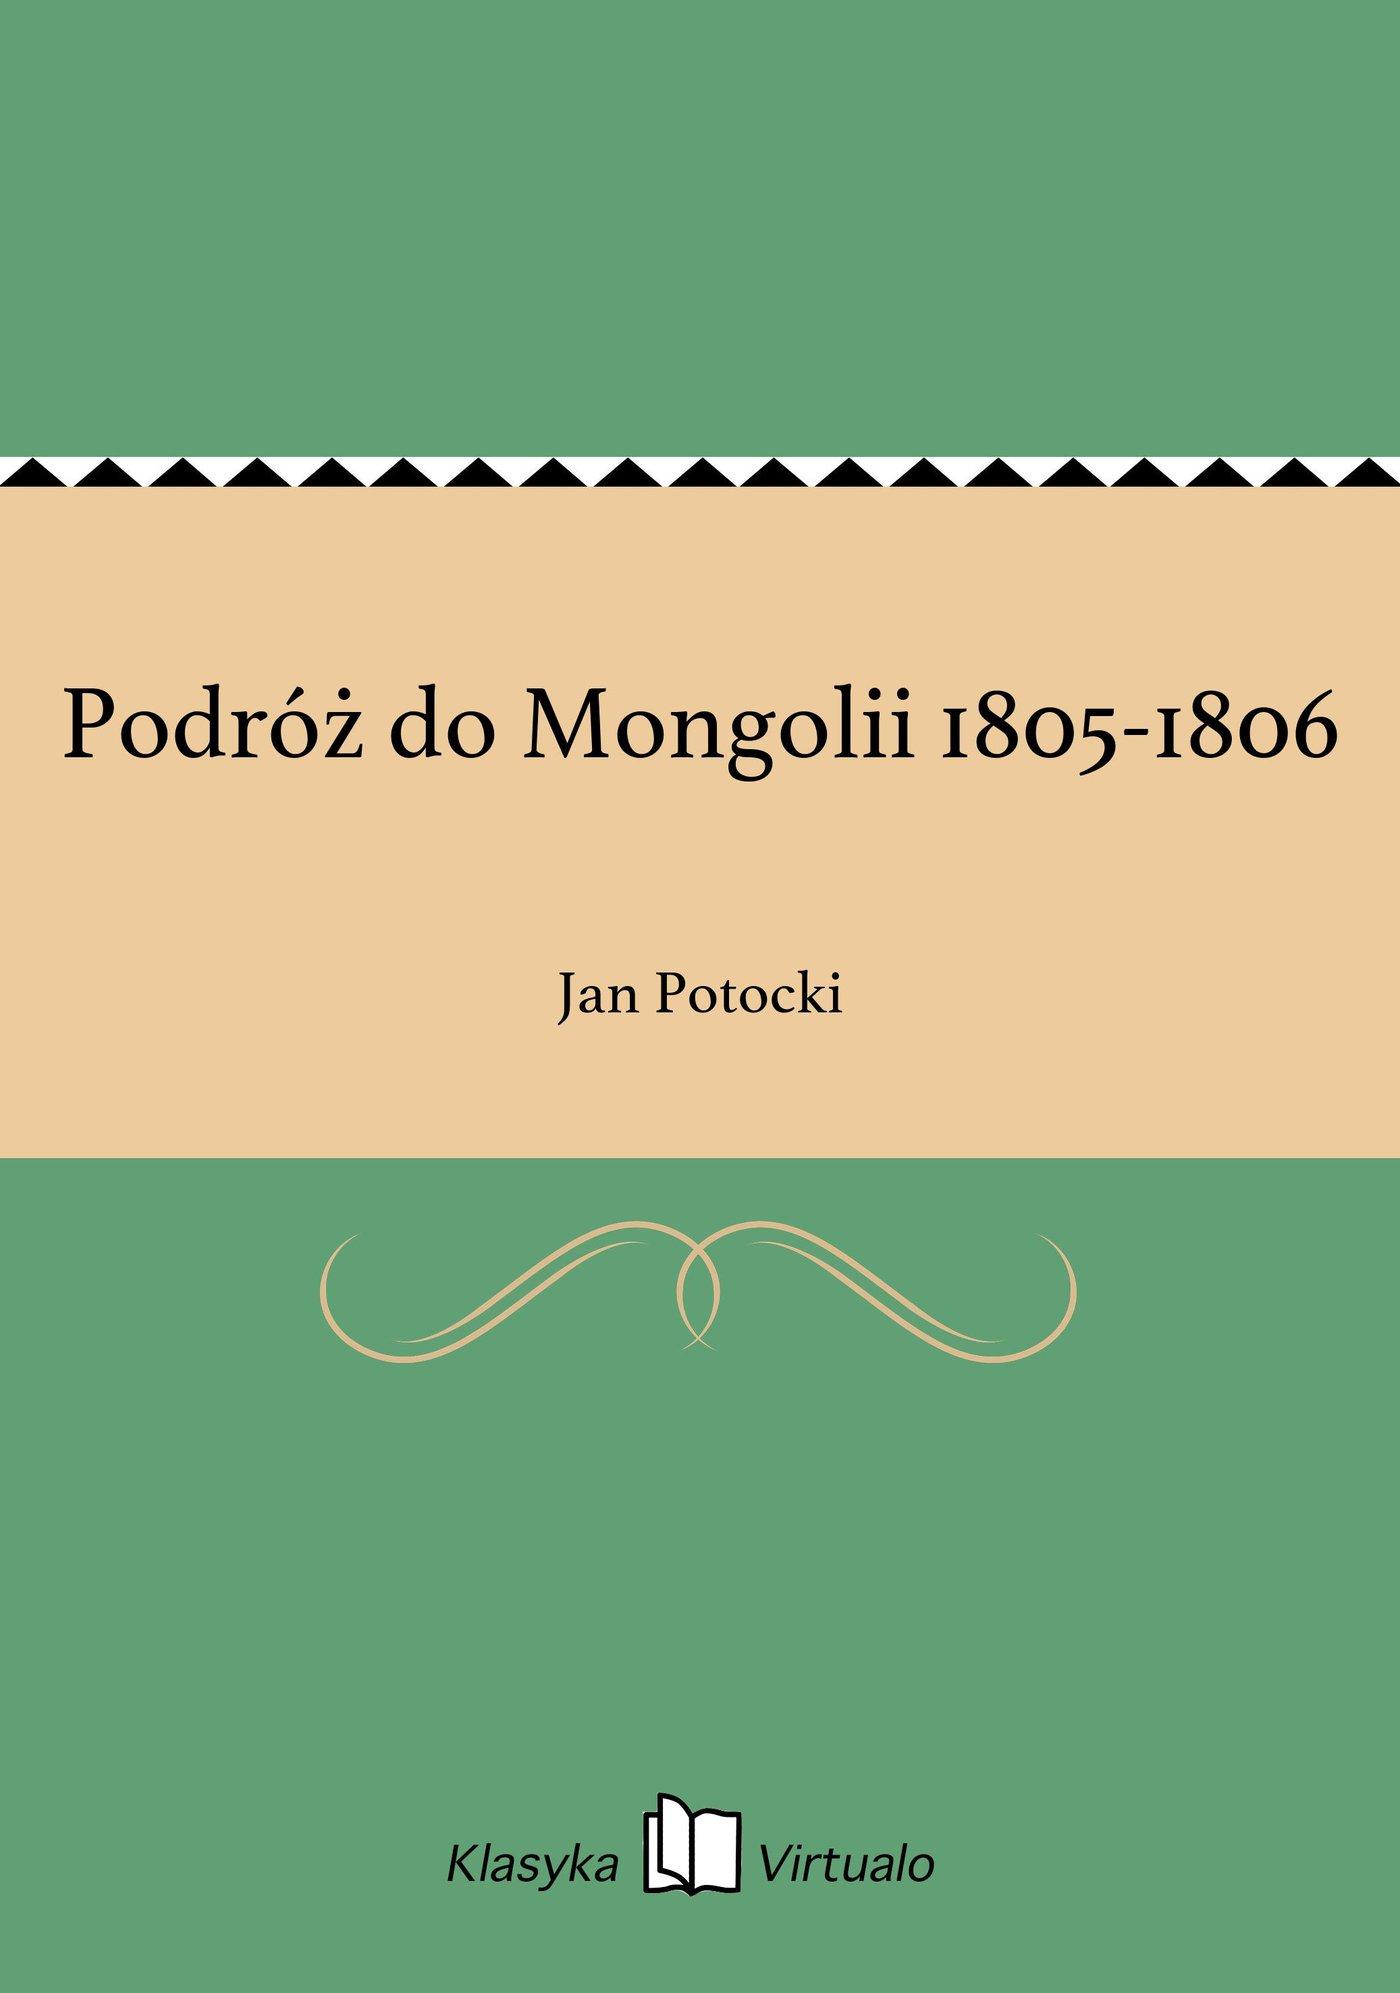 Podróż do Mongolii 1805-1806 - Ebook (Książka na Kindle) do pobrania w formacie MOBI